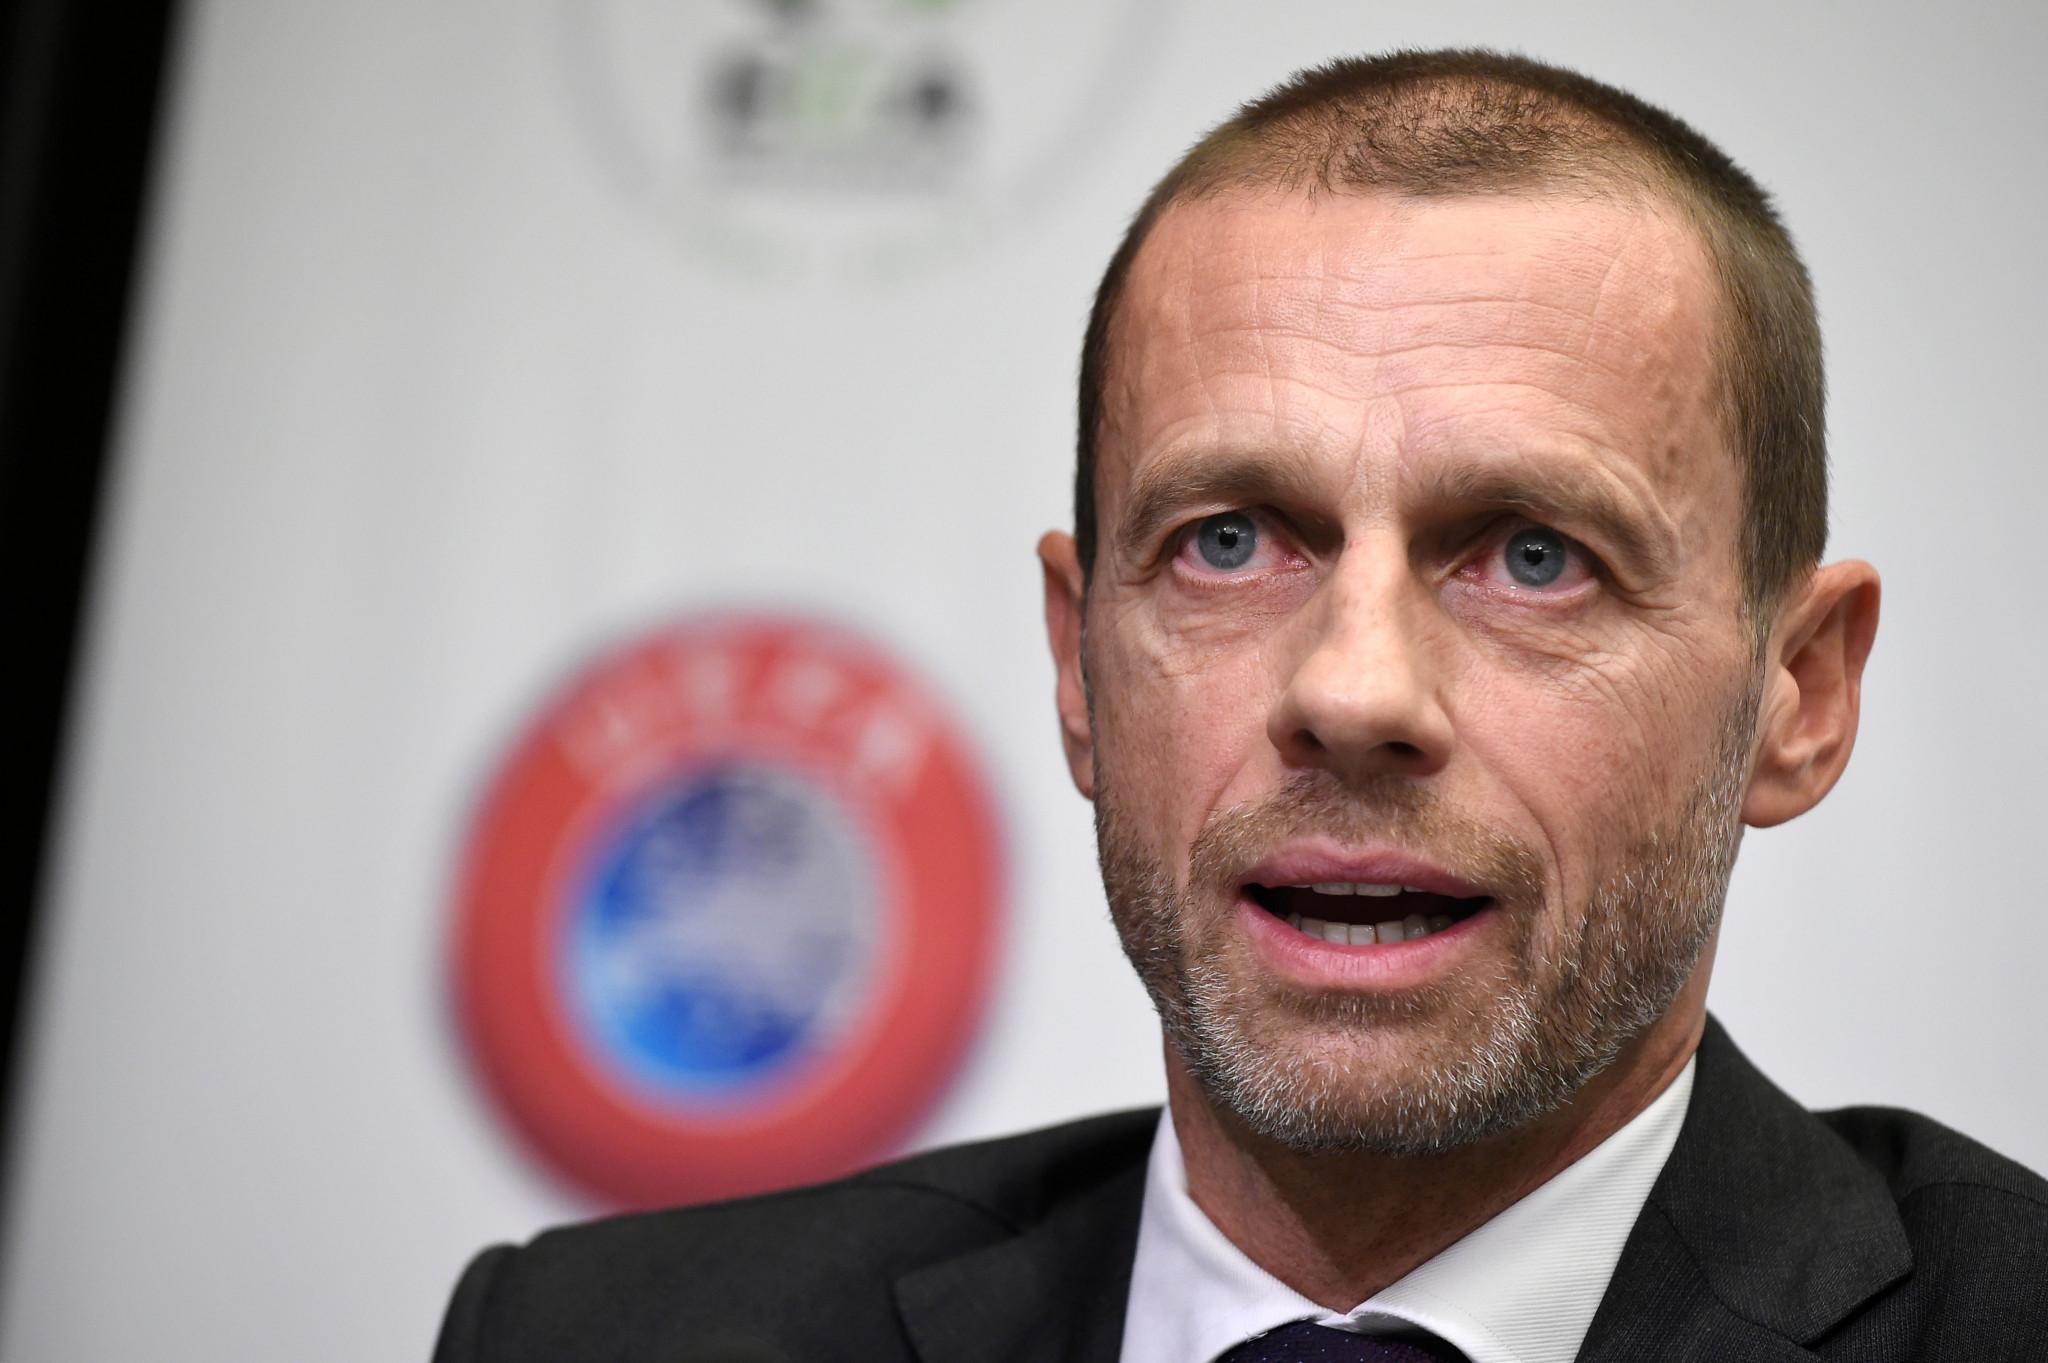 UEFA President Aleksandr Ceferin said it was